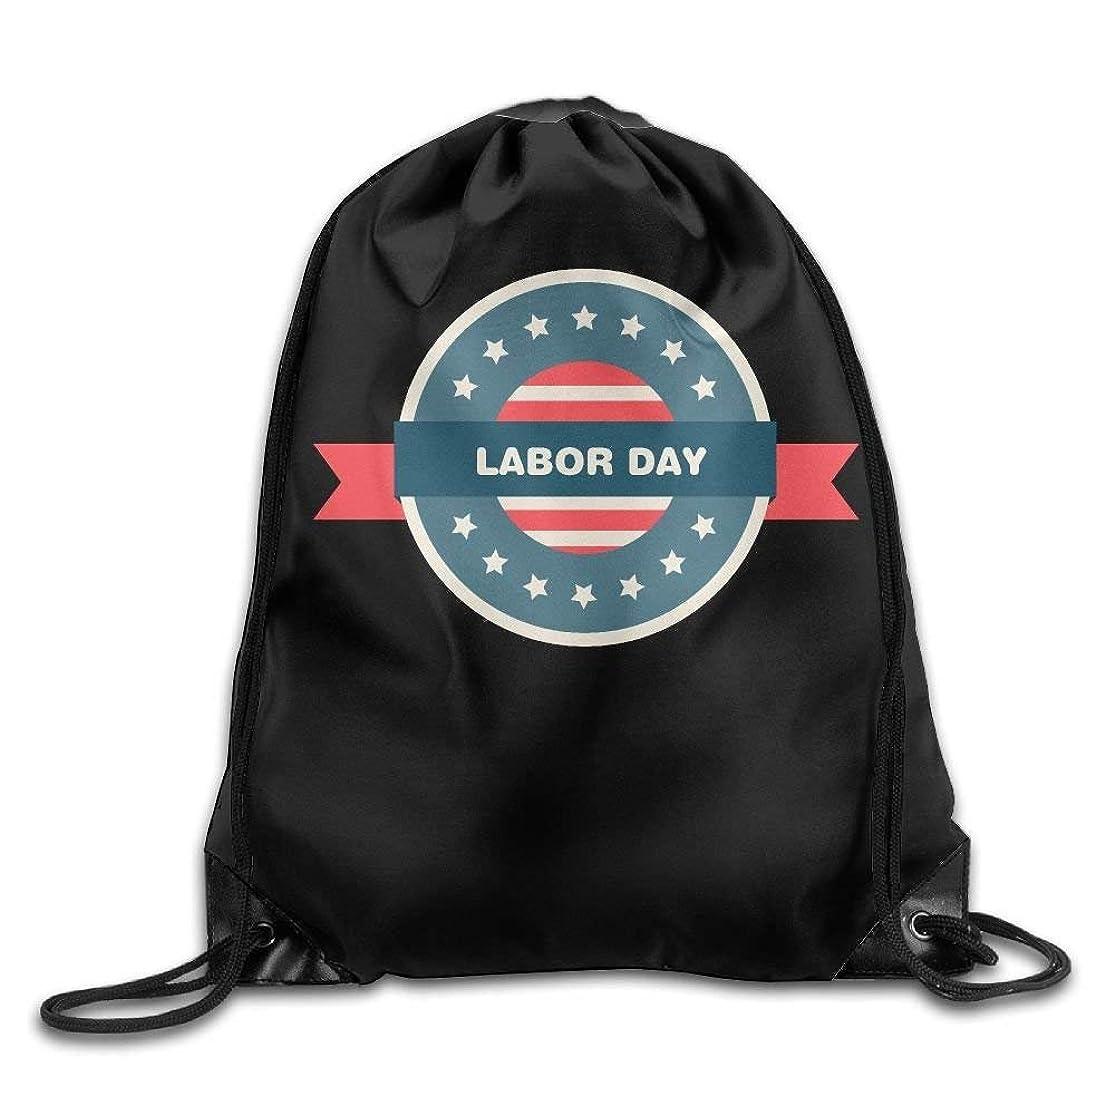 Unisex USA Flag Labor Day Print Drawstring Backpack Rucksack Shoulder Bags Gym Bag Sport Bag zlvmmlhh8